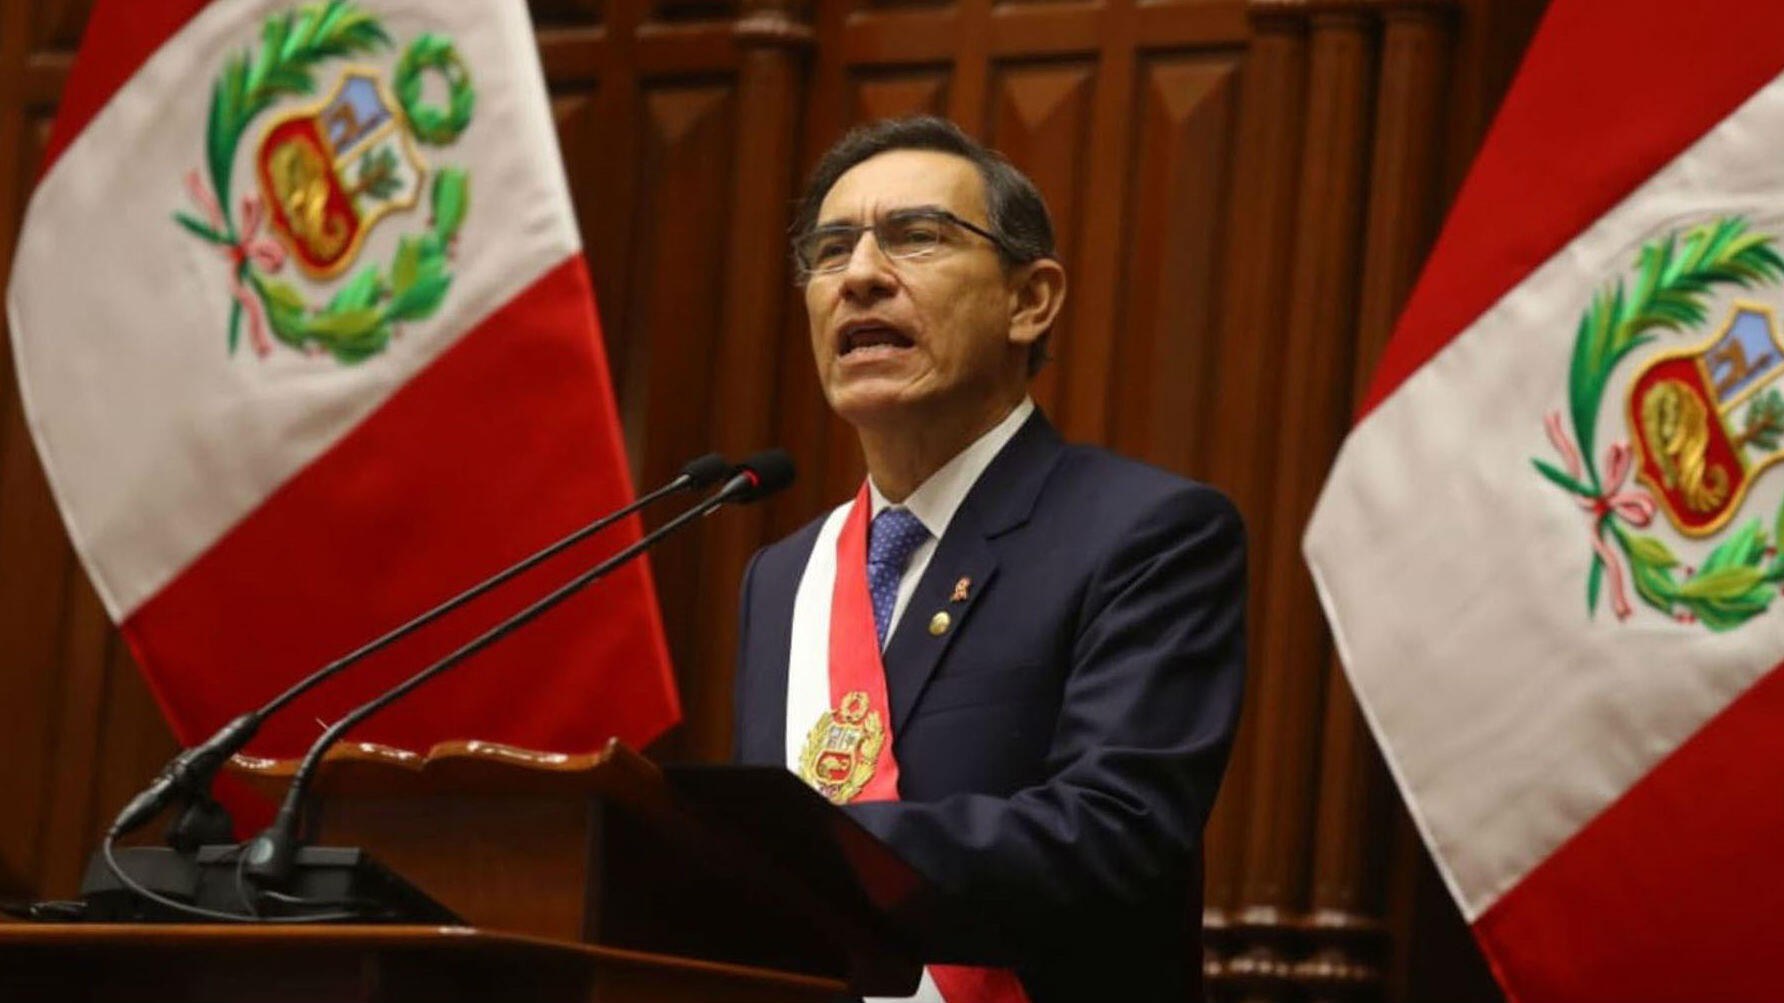 El presidente de Perú, Martín Vizcarra, habla ante el Congreso, en Lima, Perú el 28 de Julio de 2019.